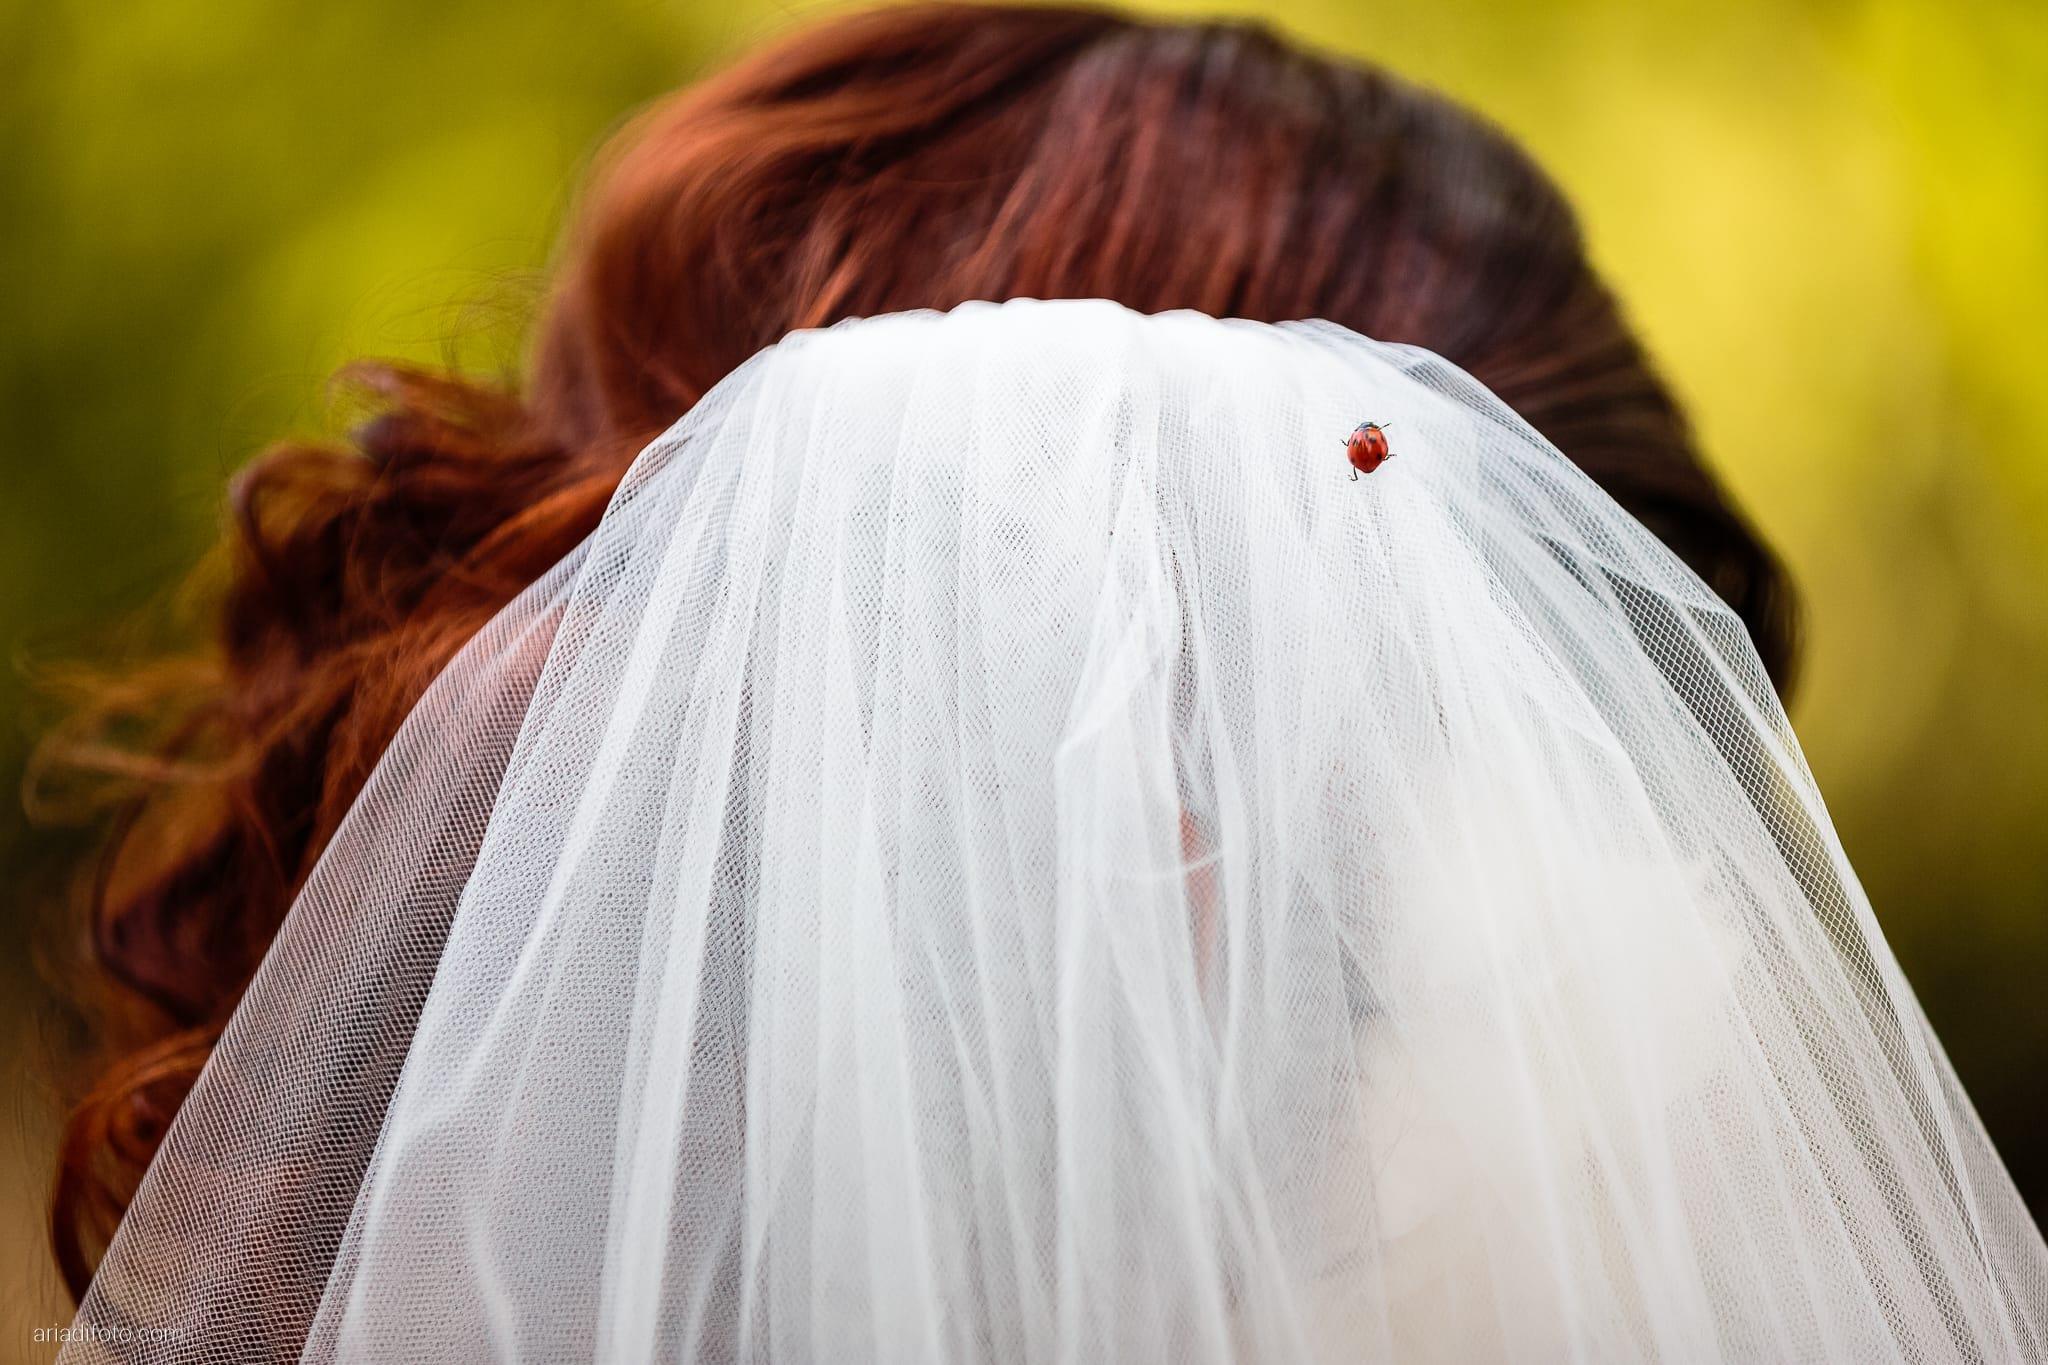 Sofia Mario Matrimonio Baronesse Tacco Collio Gorizia ritratti sposi coccinella velo